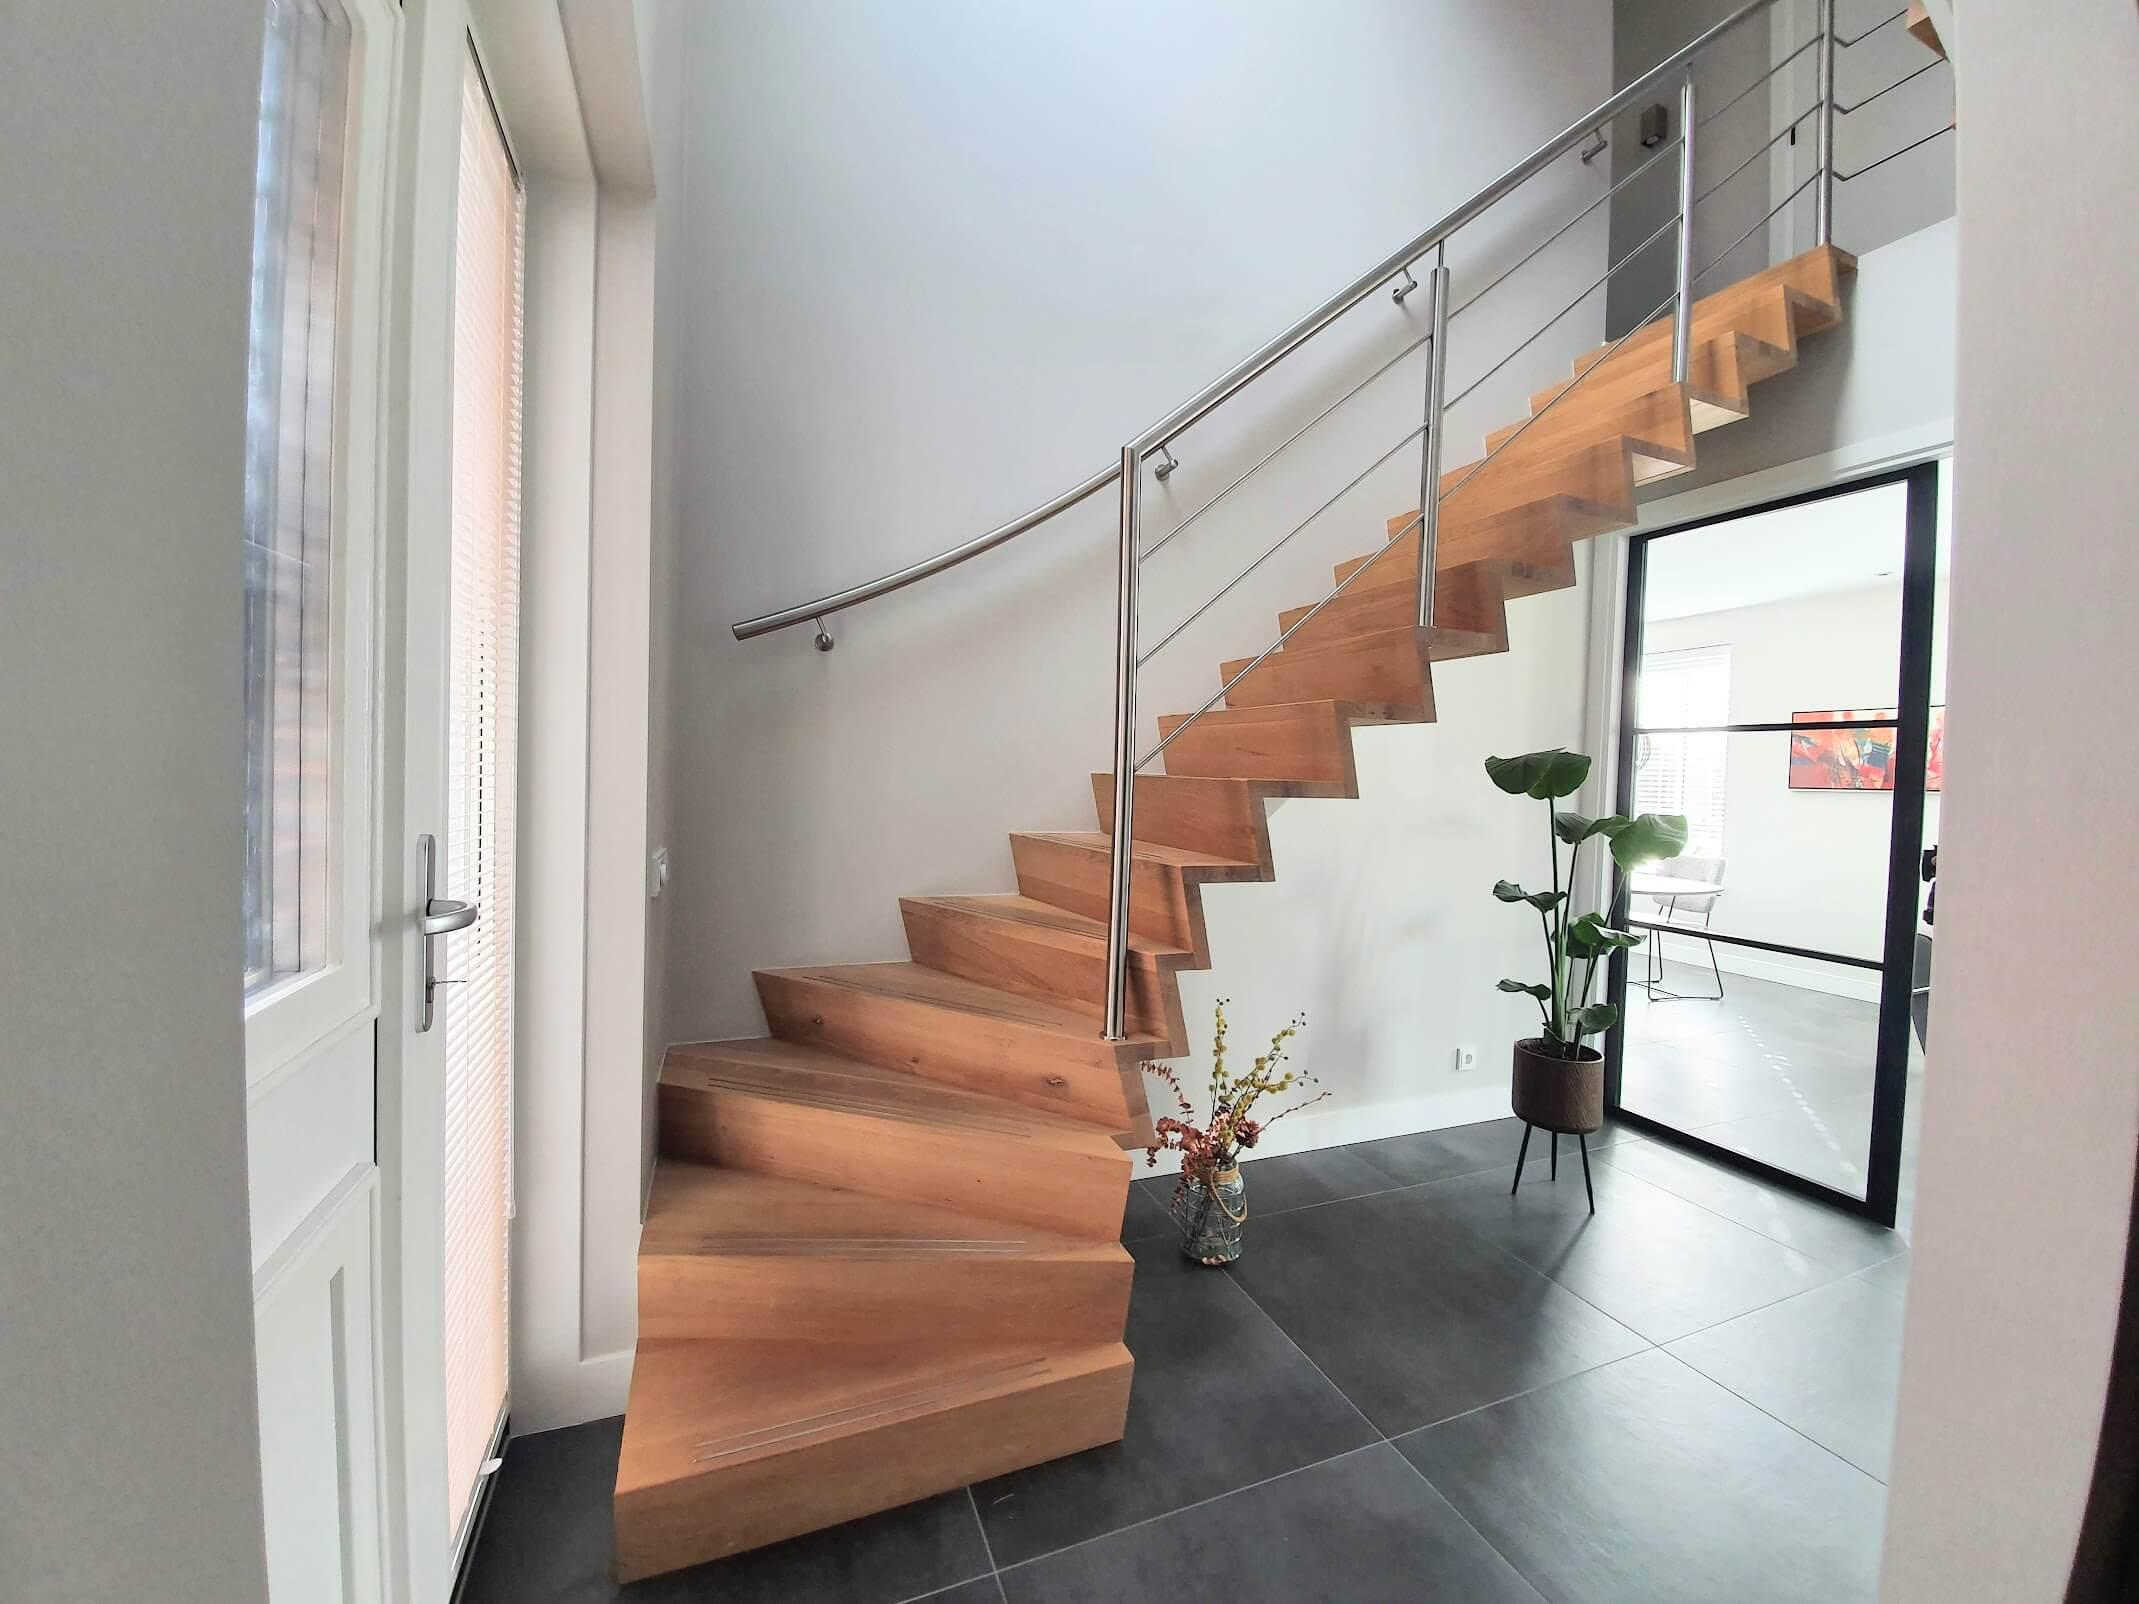 Onderkwart z-trappen